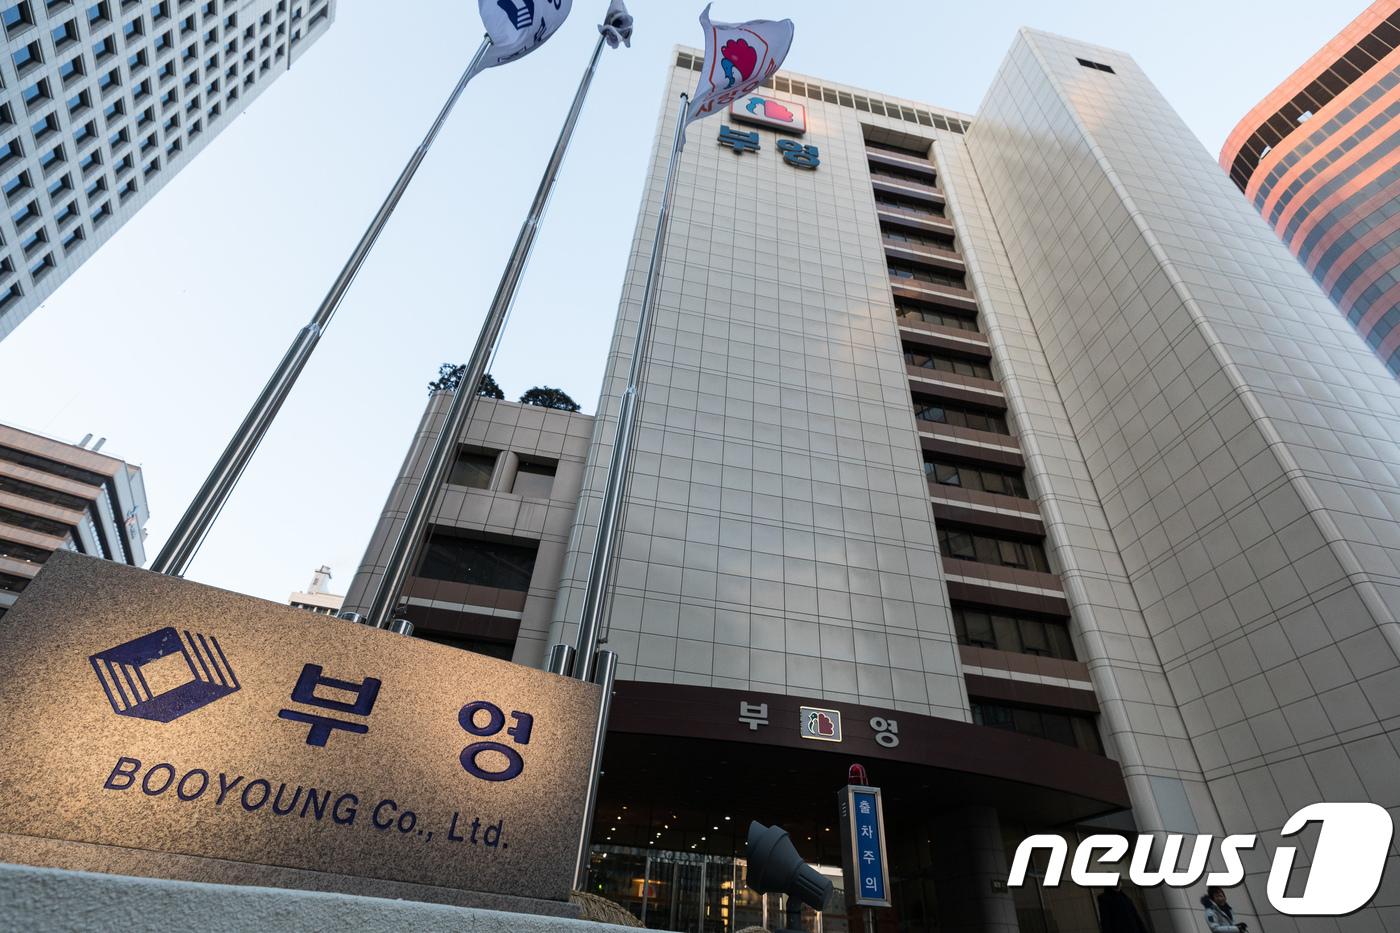 부영그룹, 옛 삼성화재 사옥 되판다…매각주관사 선정 돌입